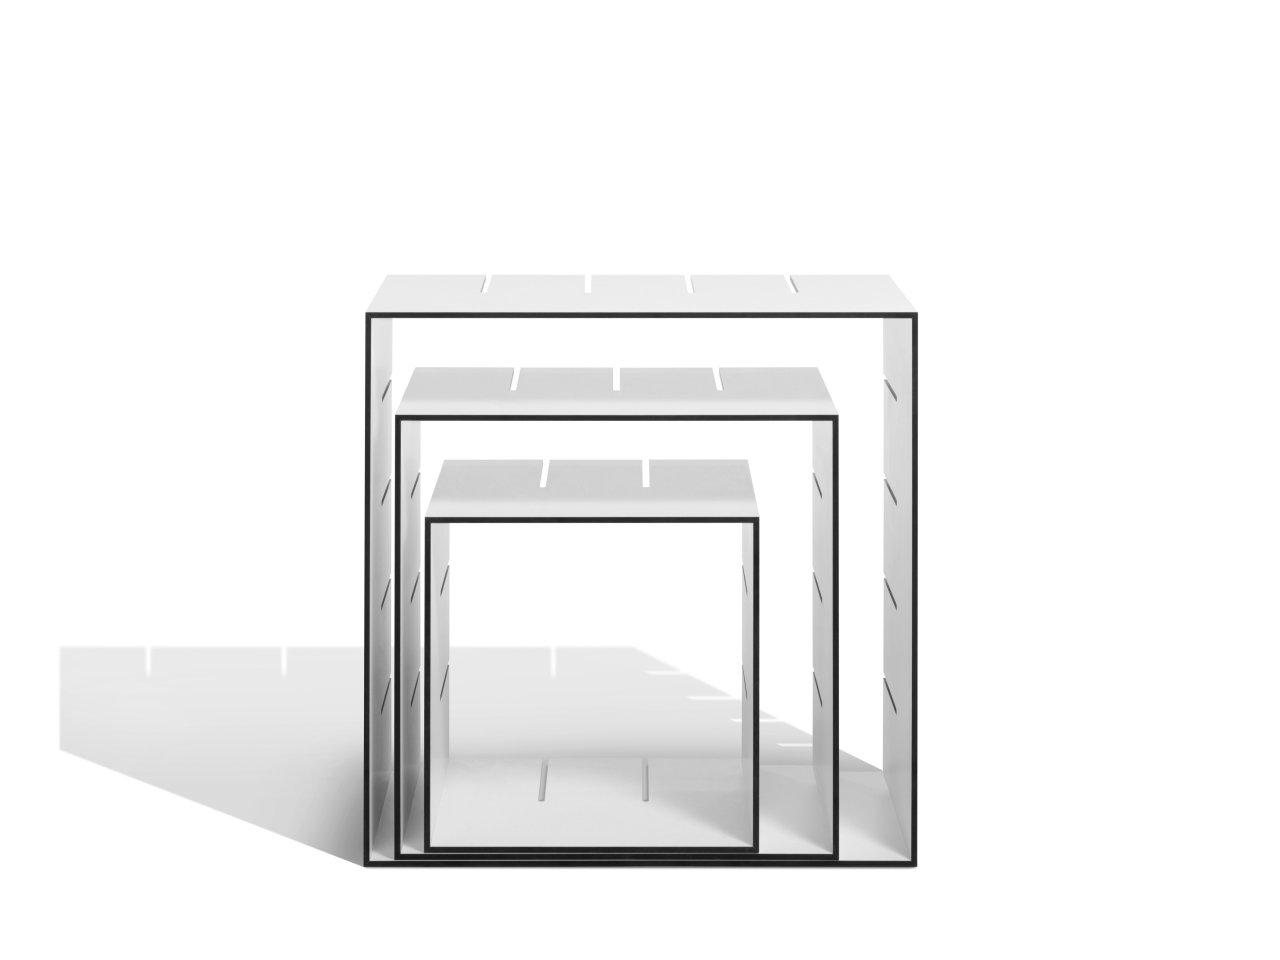 Konnex Einzelboxen